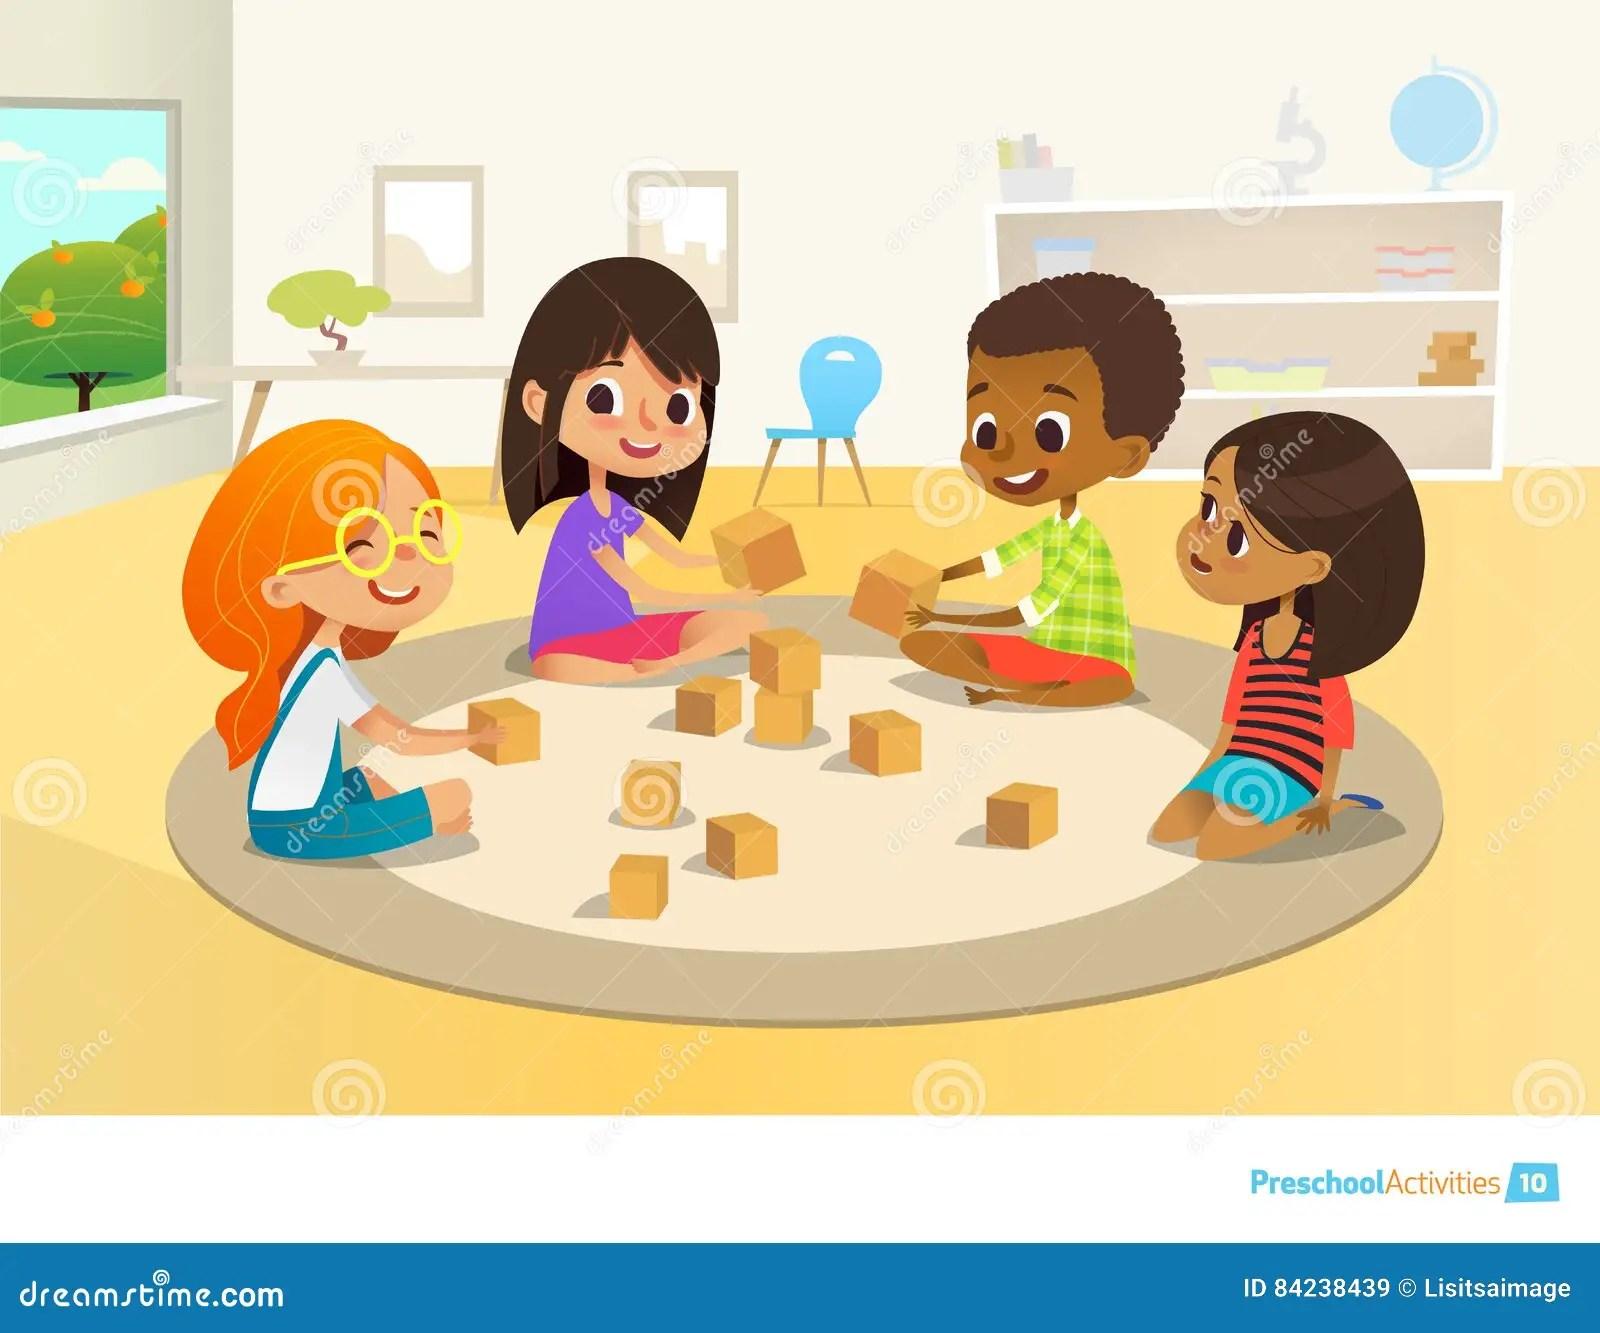 Children Sit In Circle On Round Carpet In Kindergarten